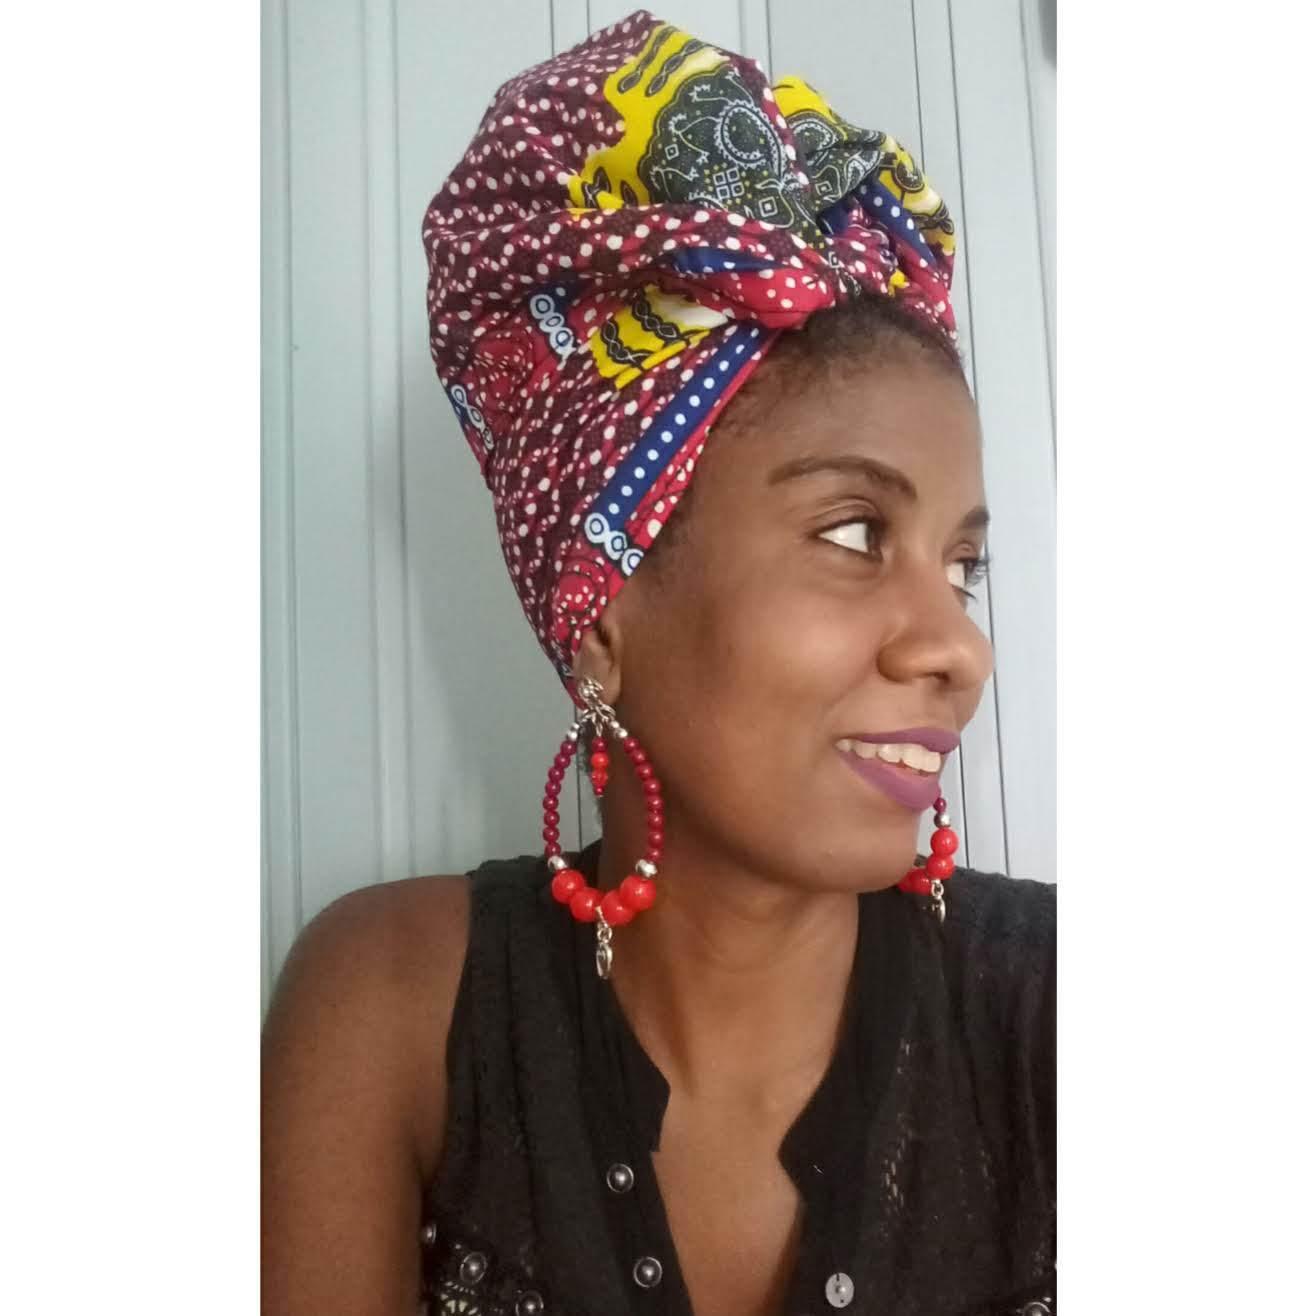 Turbante afro em tecido africano e brinco